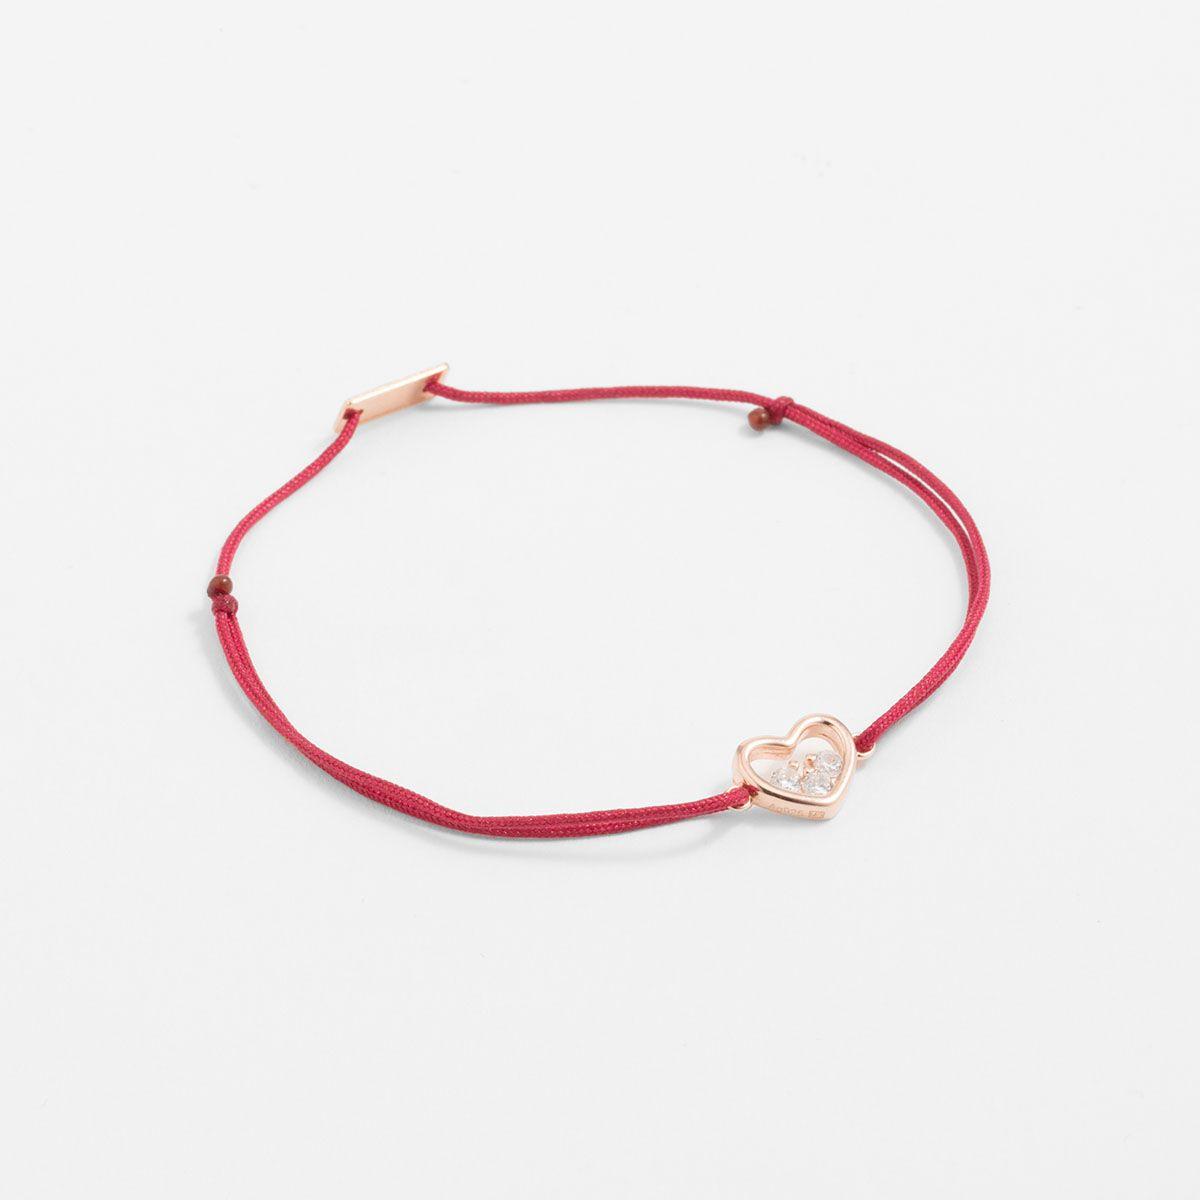 Marlina - Armband - Dunkelrot